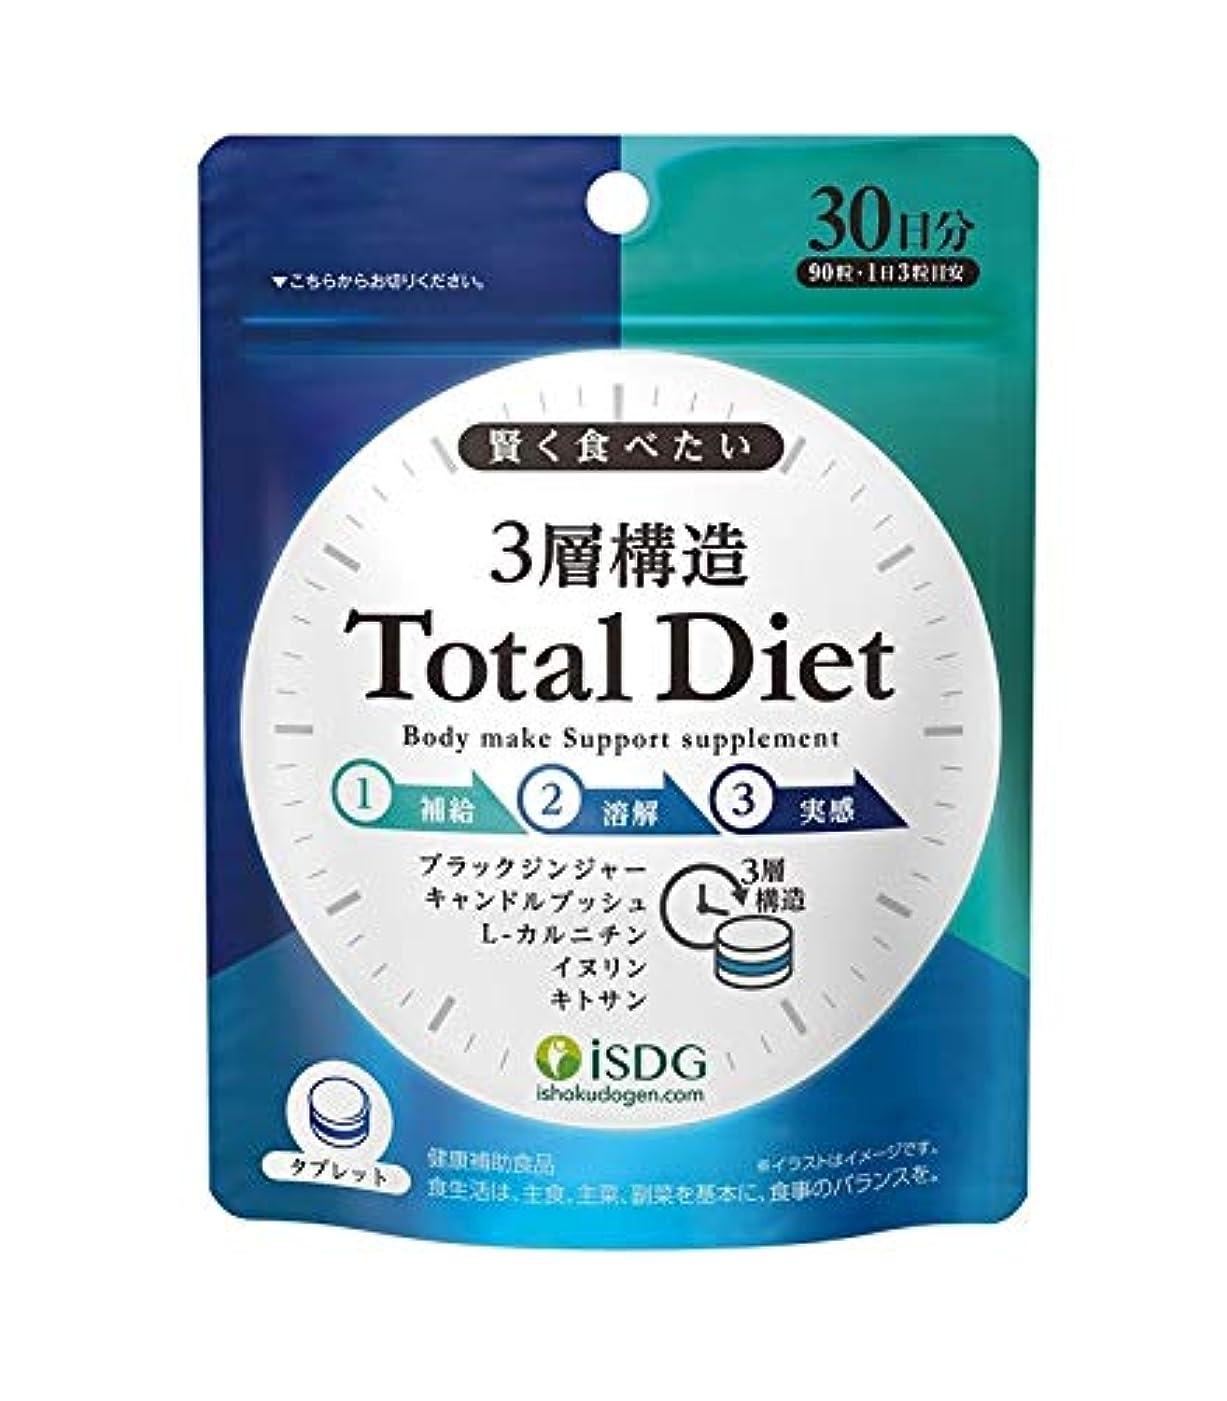 死んでいる重要固体医食同源 3層構造Total Diet 90粒